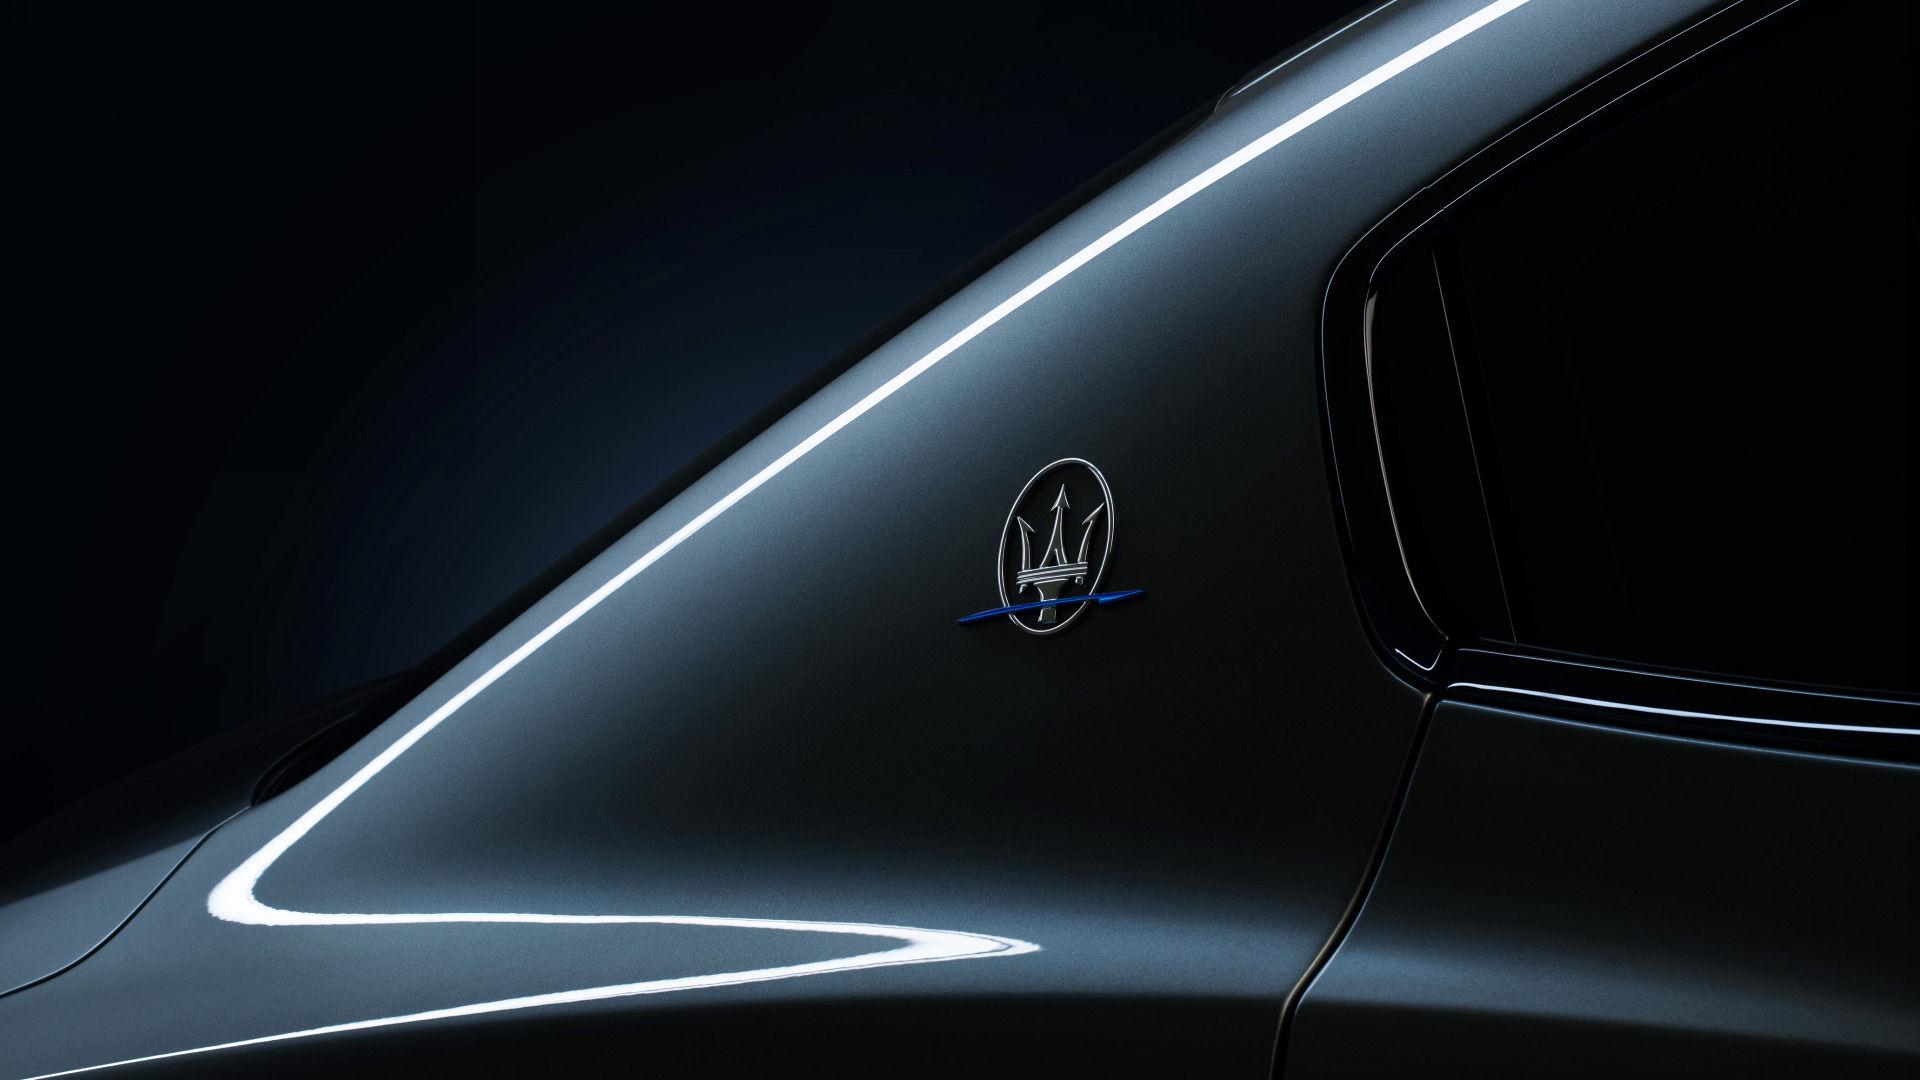 Maserati Ghibli Hybrid - Grau - Detailansicht mit Maserati Dreizack Logo